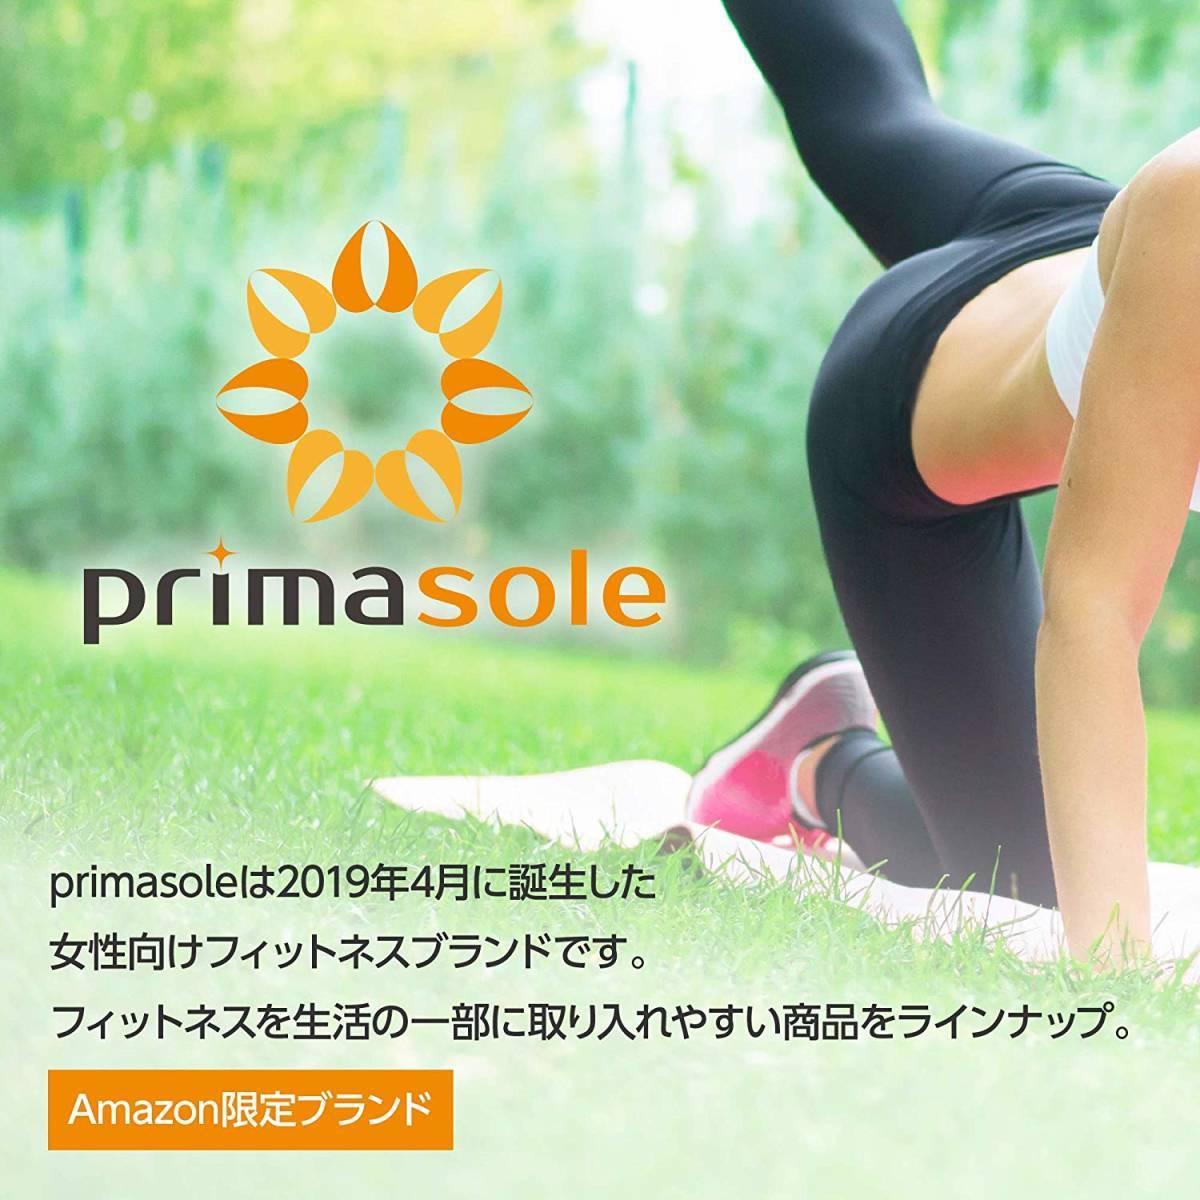 【限定ブランド】プリマソーレ(primasole) フィットネスボール 【65cm】空気入れ付き バランスボール フィットネス ピラティス